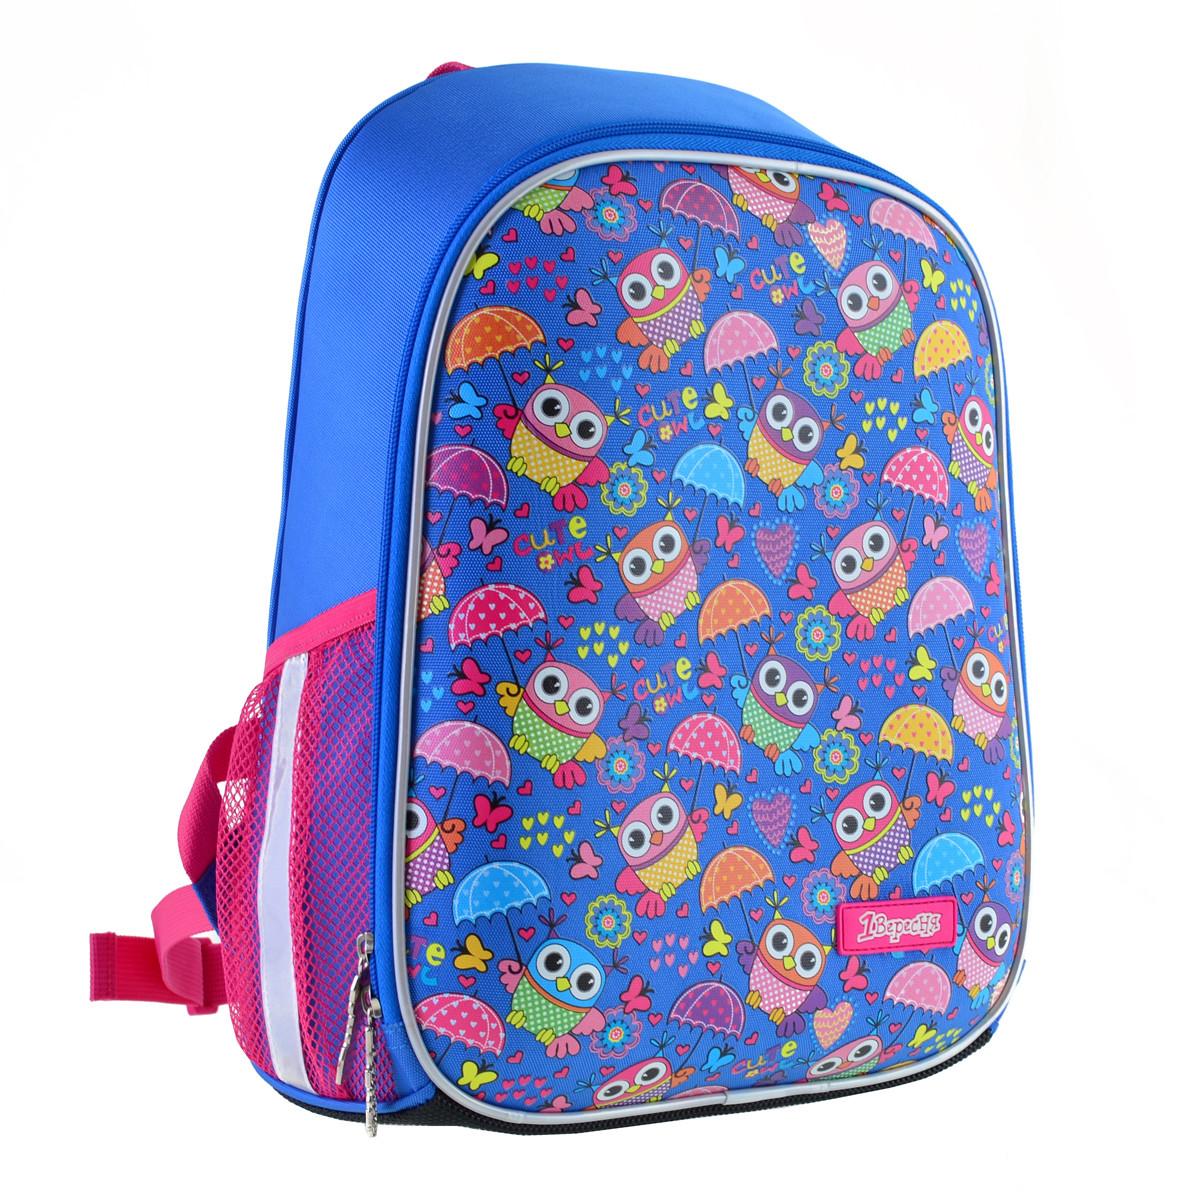 Рюкзак шкільний каркасний 1Вересня H-27 Owl party Синій (557710)